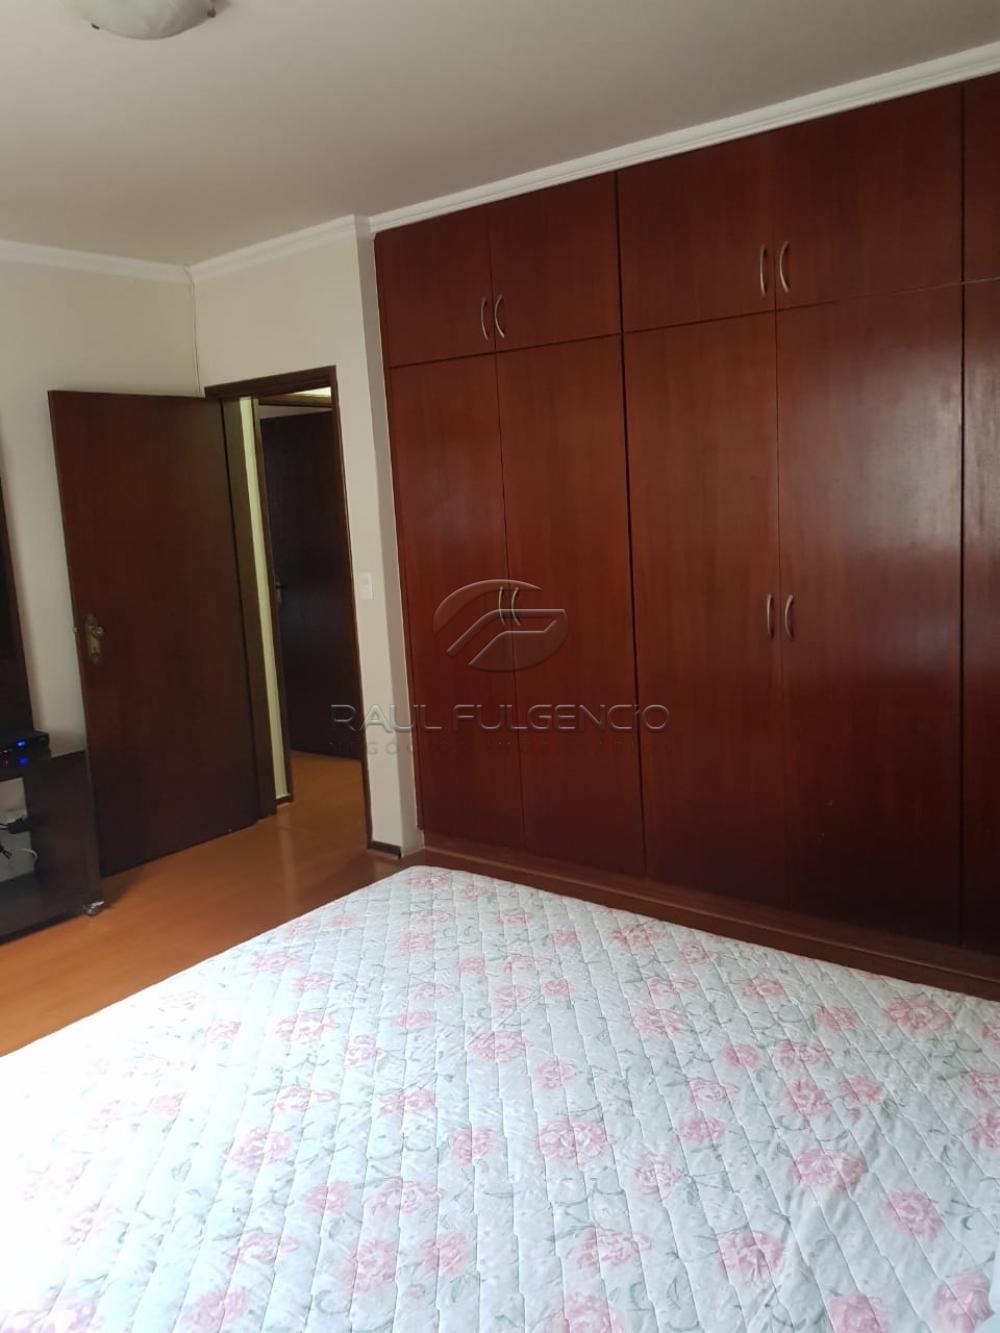 Comprar Casa / Térrea em Londrina apenas R$ 595.000,00 - Foto 12